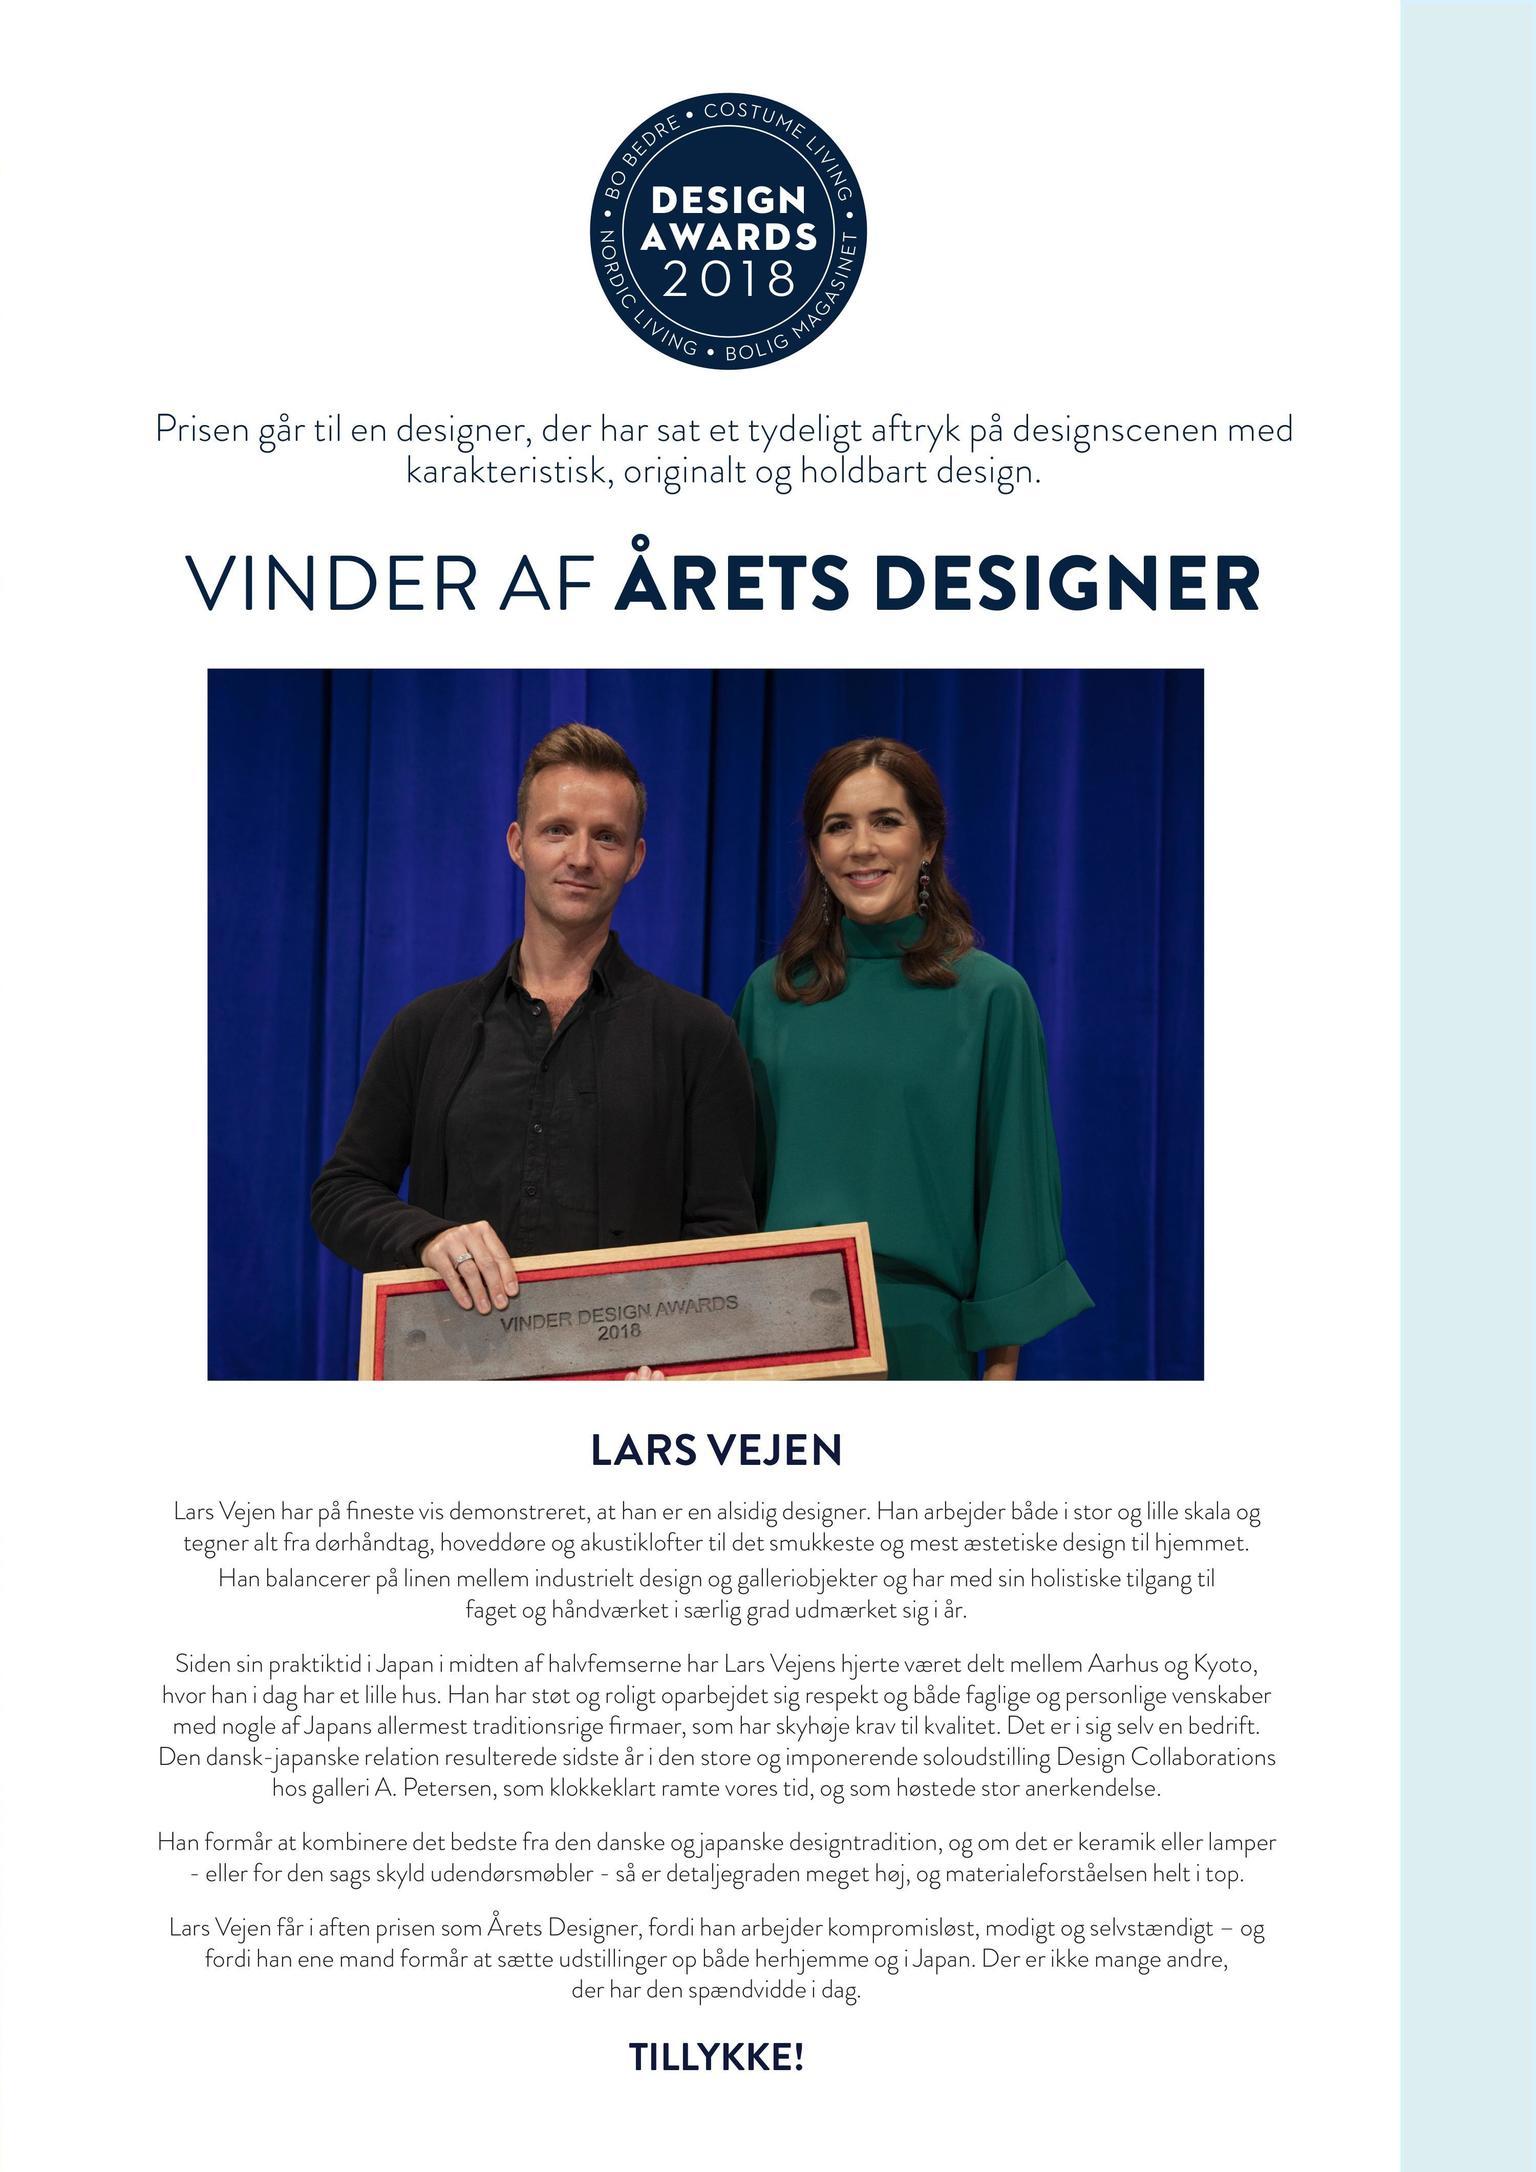 Lars Vejen Årets Designer 2018 Kronprinsesse Mary